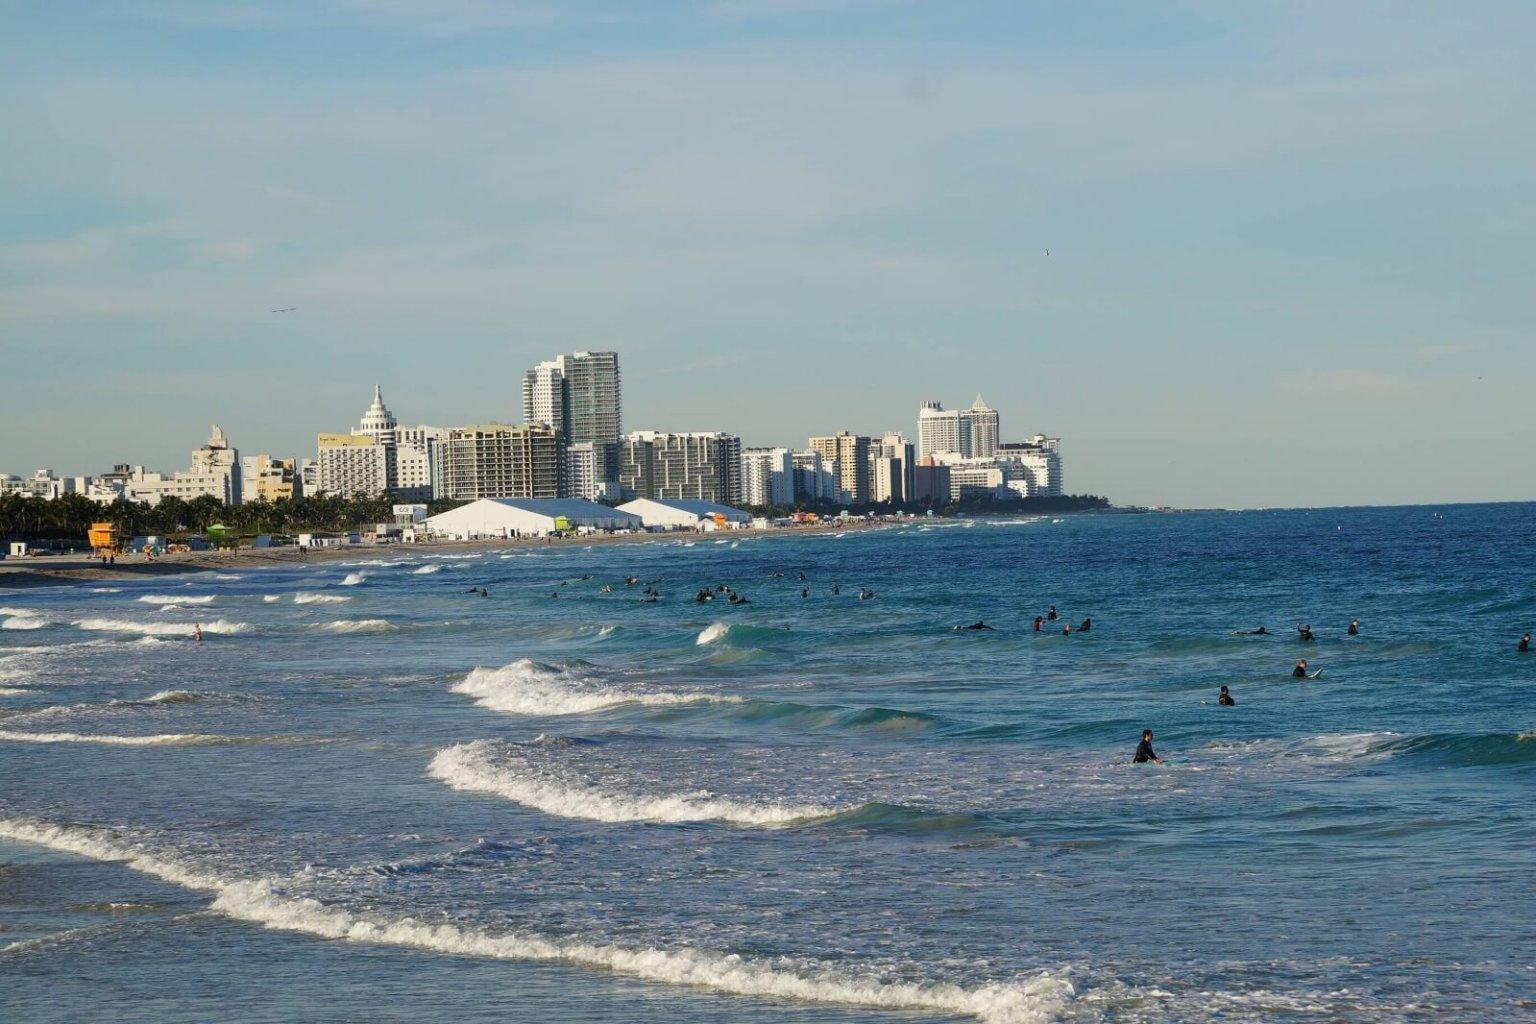 Ingatlanbefektetés Floridában